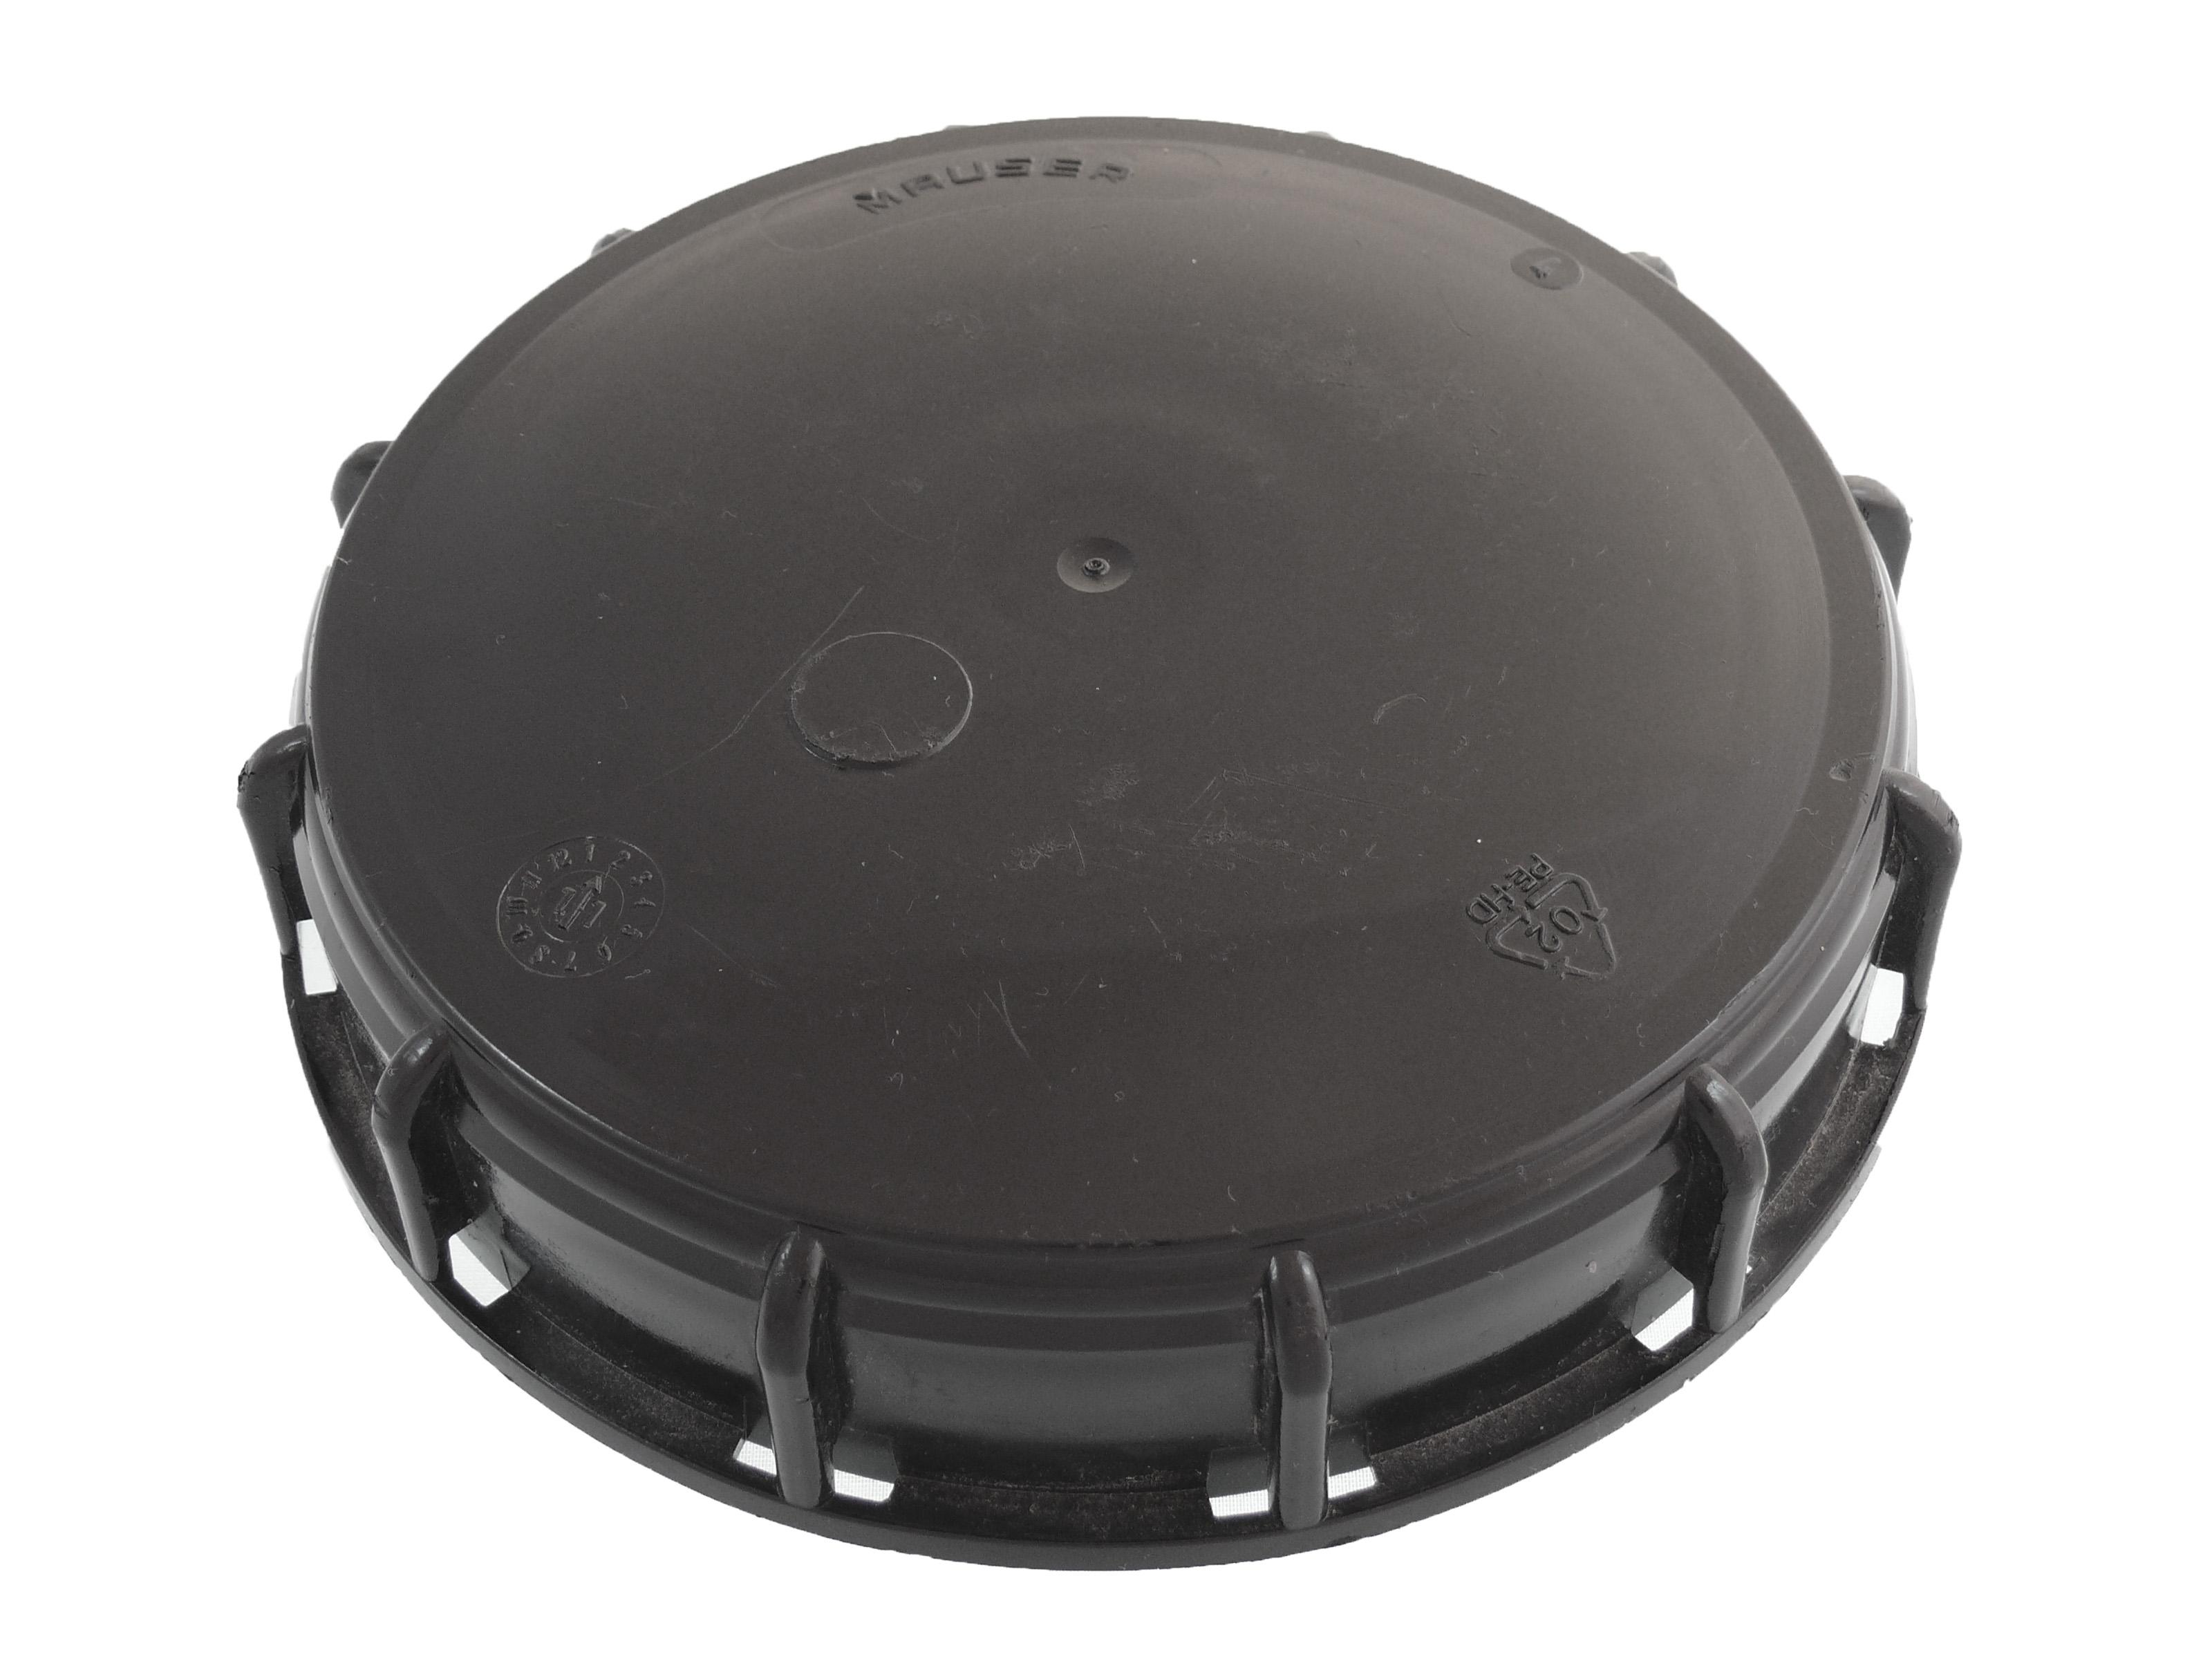 elektrikvision vertrieb ibc wassertank zubeh r verschlussdeckel ohne bel ftung 160mm. Black Bedroom Furniture Sets. Home Design Ideas